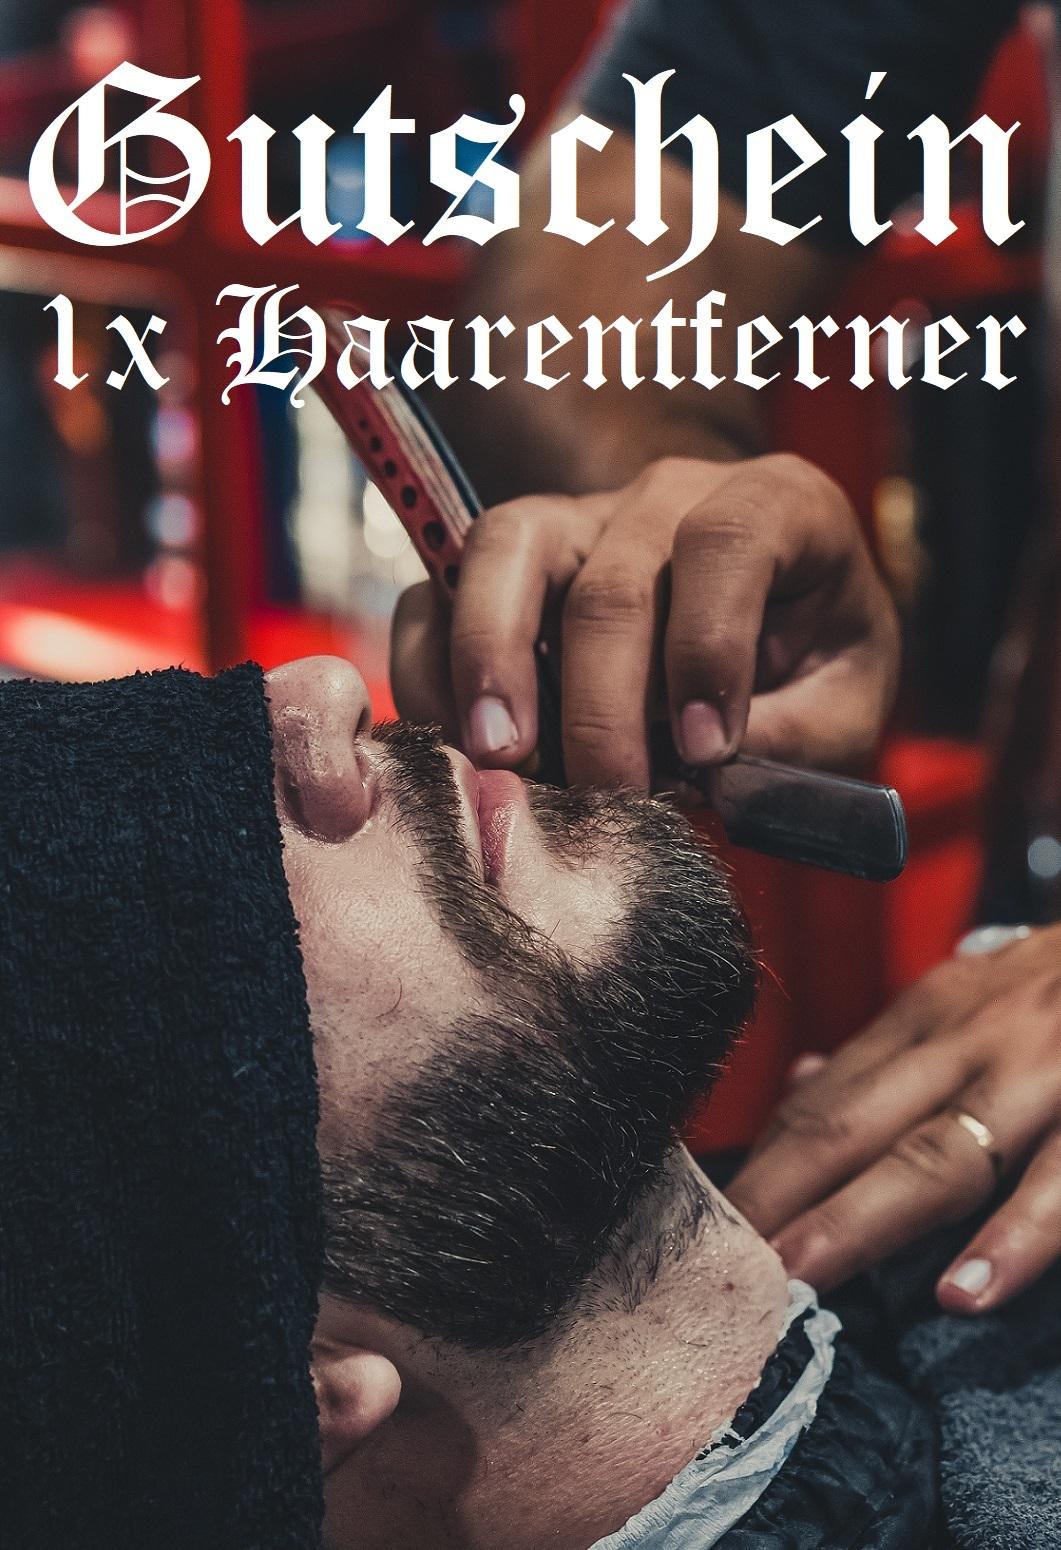 Gutscheinvorlage für Haarentferner